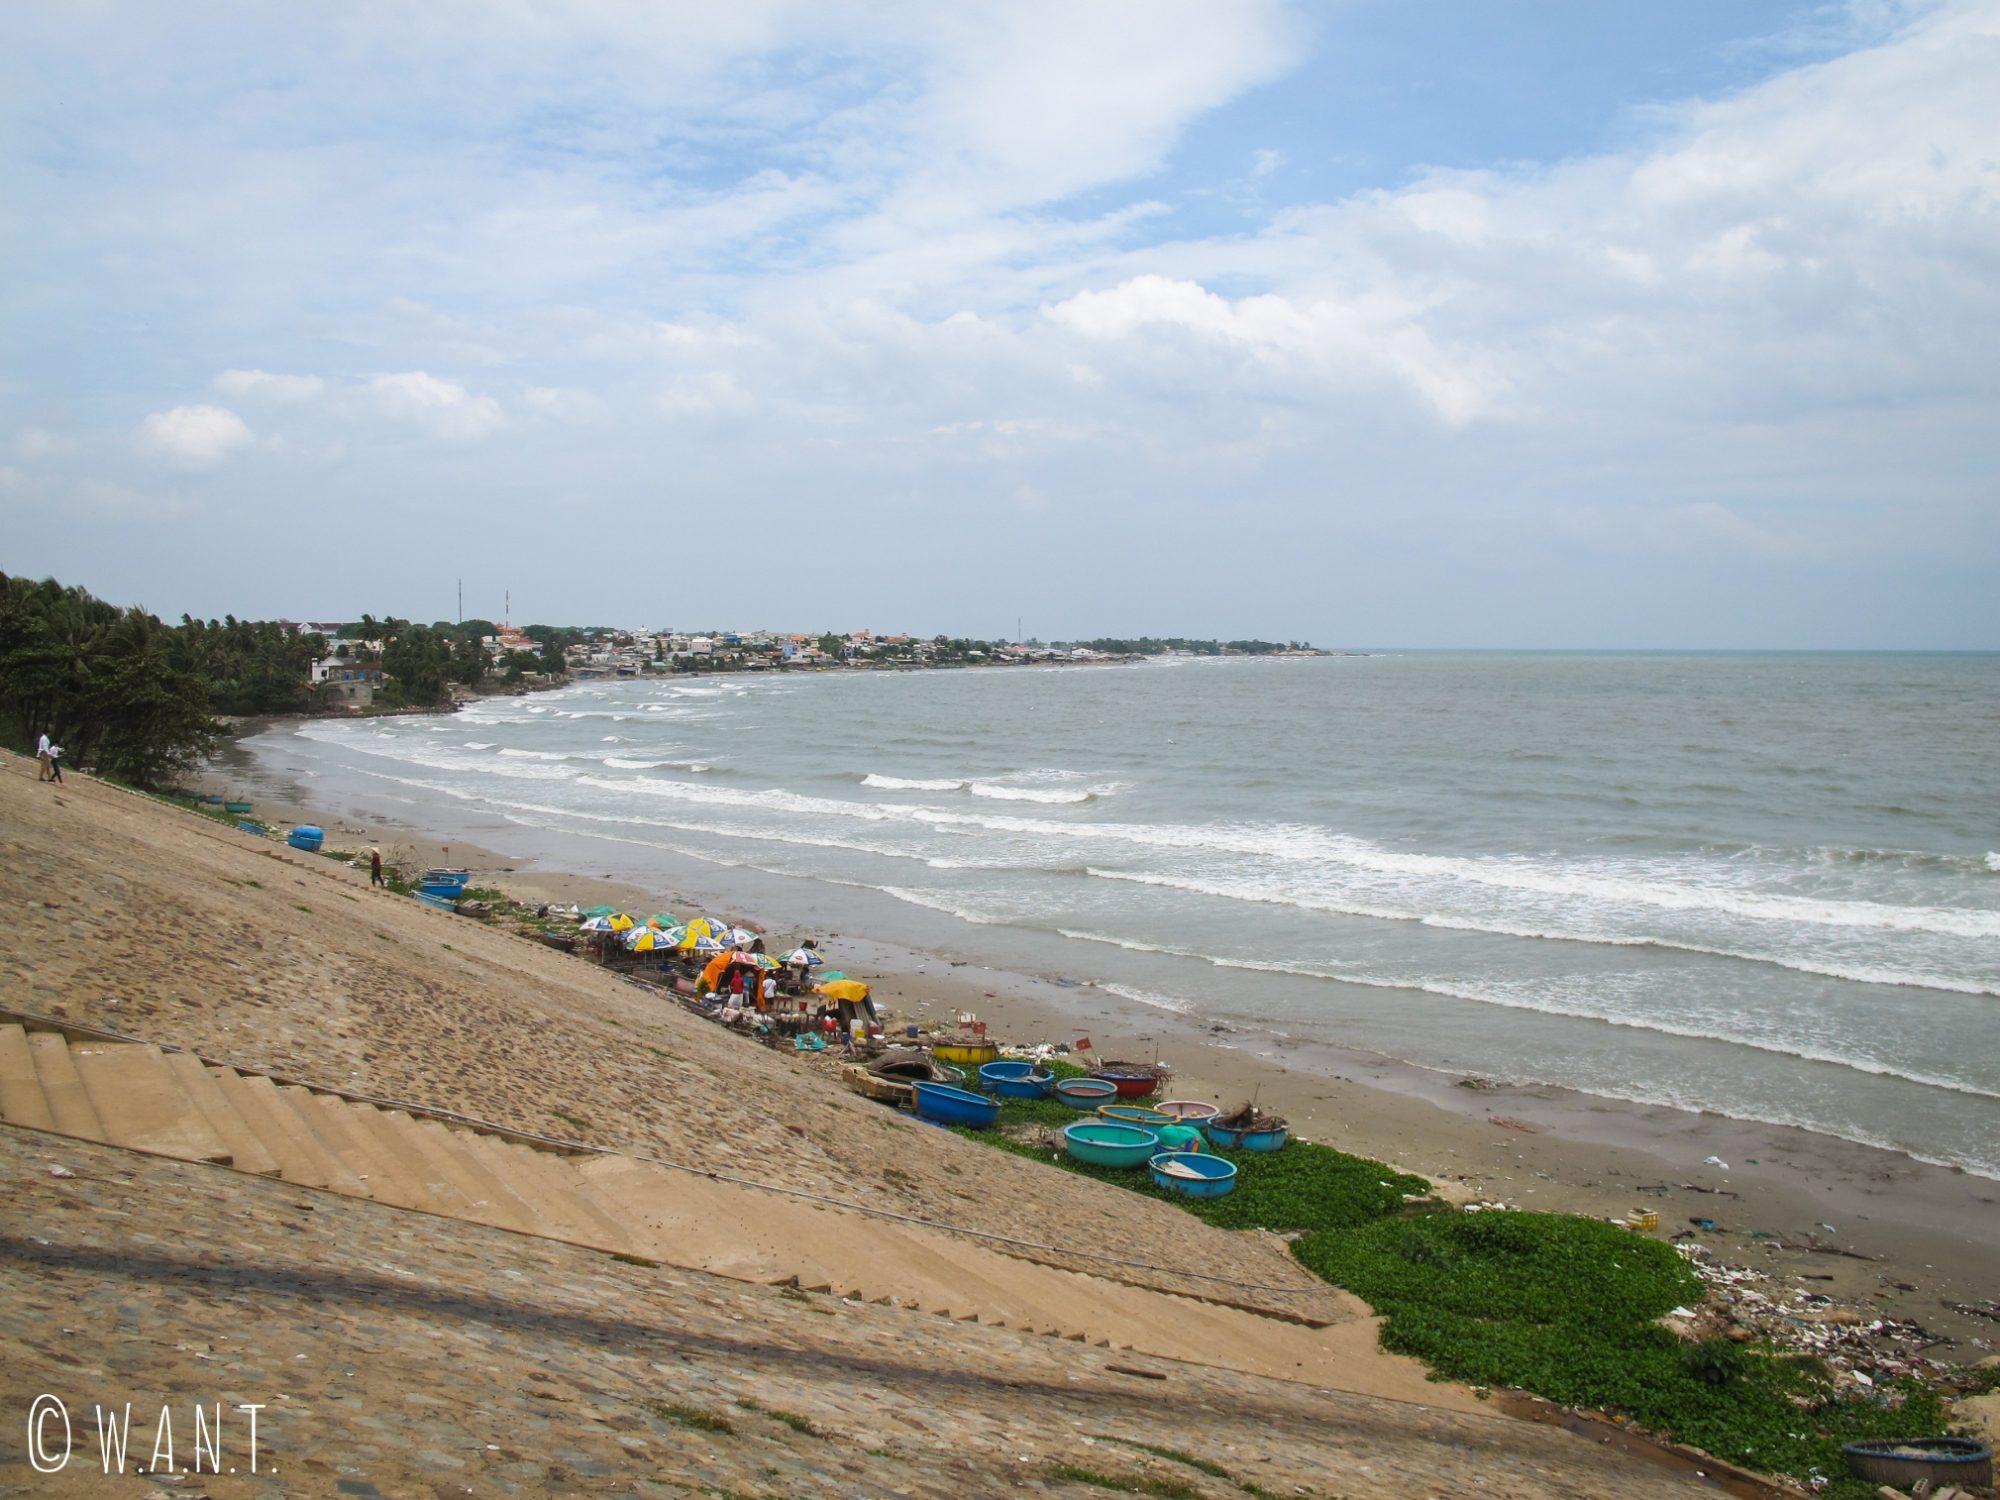 Le littoral de Mui Ne est couvert de nombreux déchets